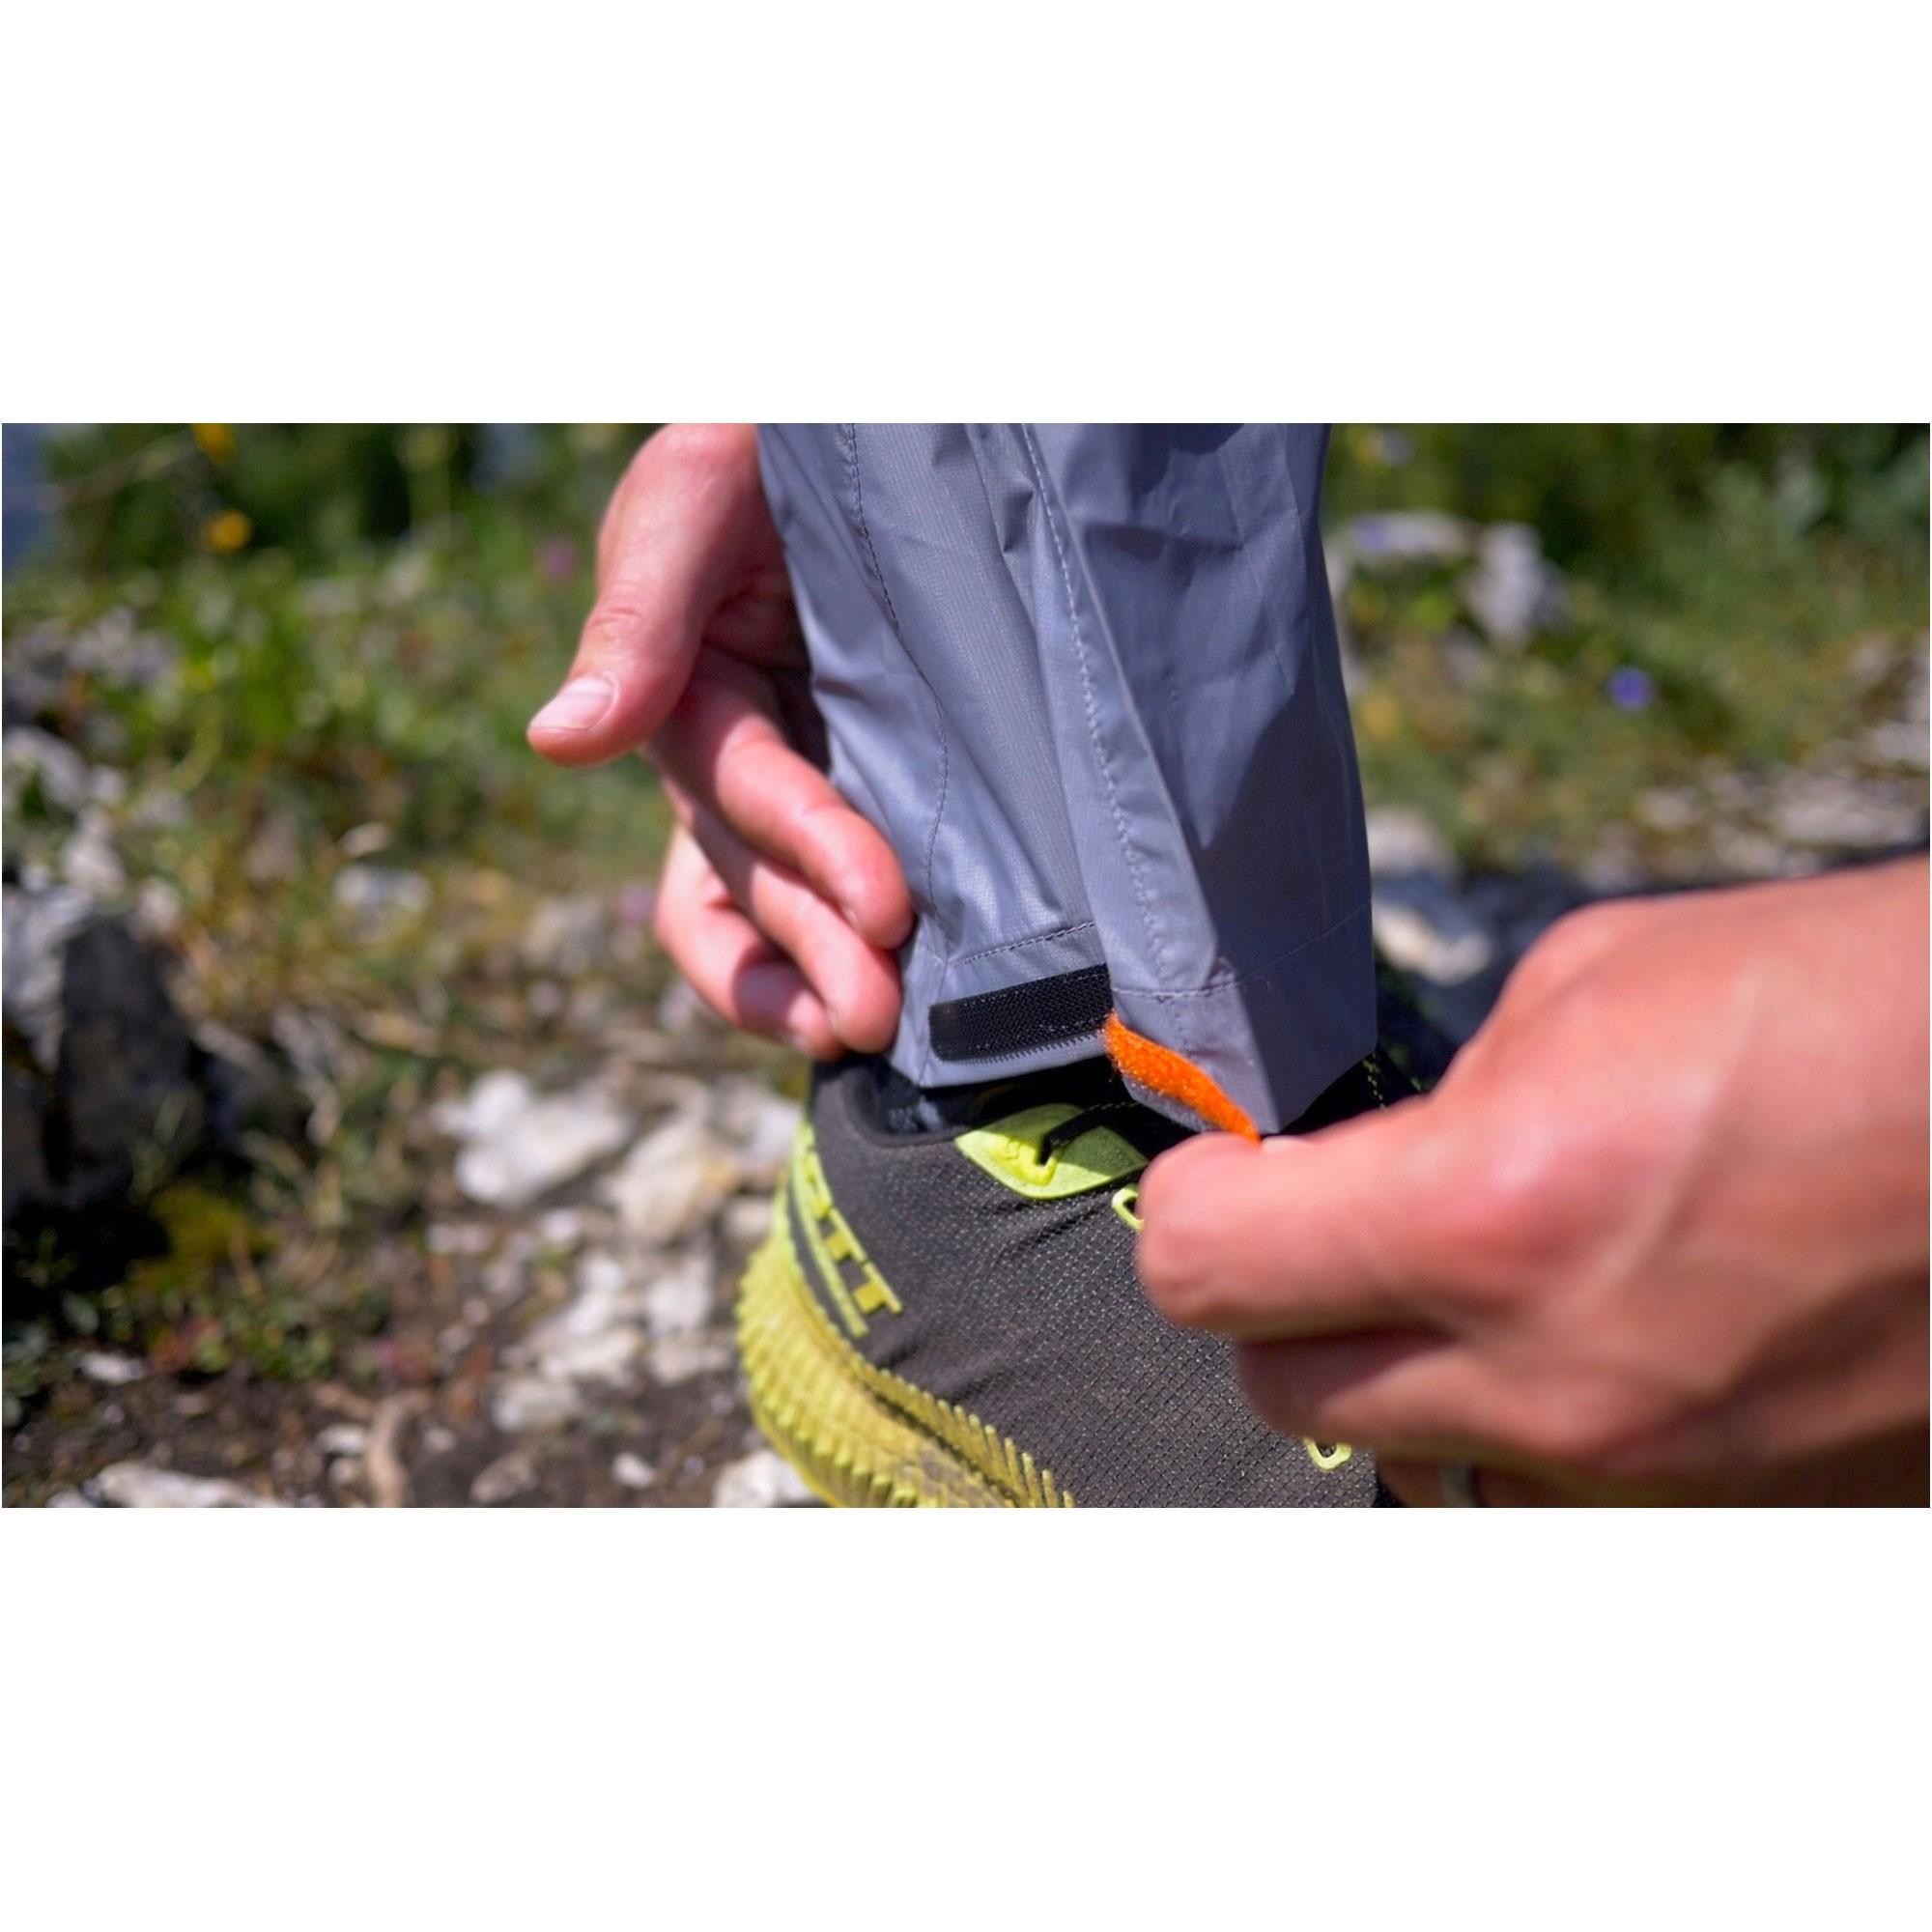 OMM Halo Men's Waterproof Pants - Grey - velcro ankle tab